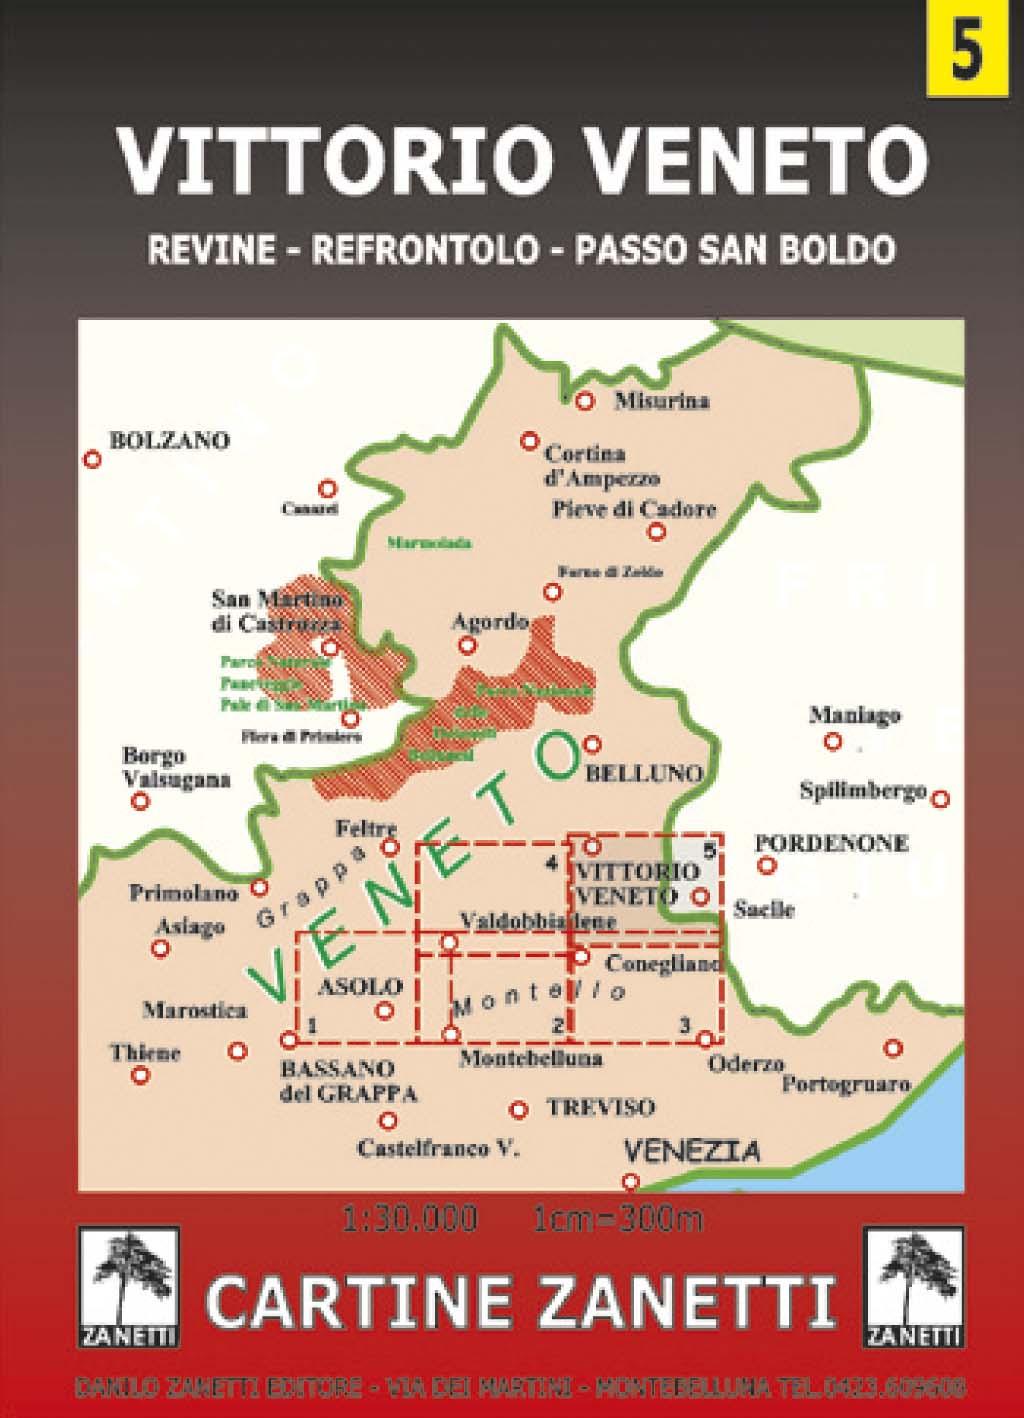 Cartina Dell Italia Veneto.Vittorio Veneto Revine Refrontolo Passo San Boldo Mappa Cartina